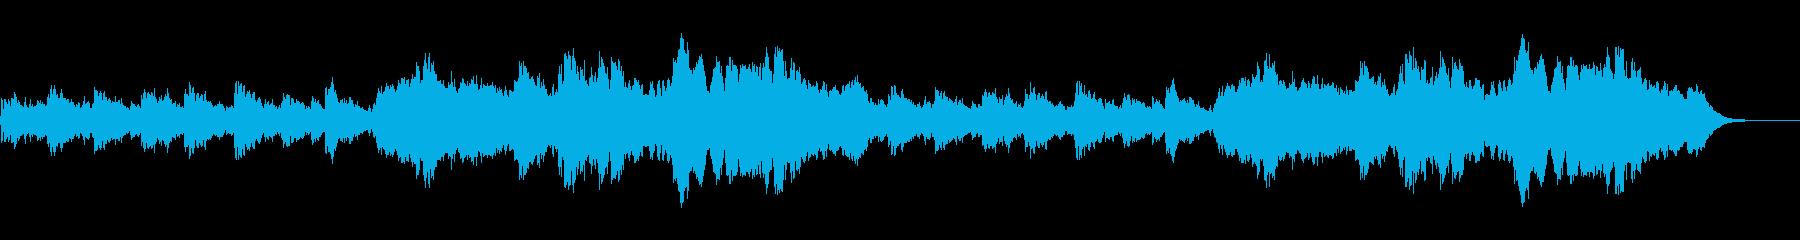 ジブリアニメ風_子供_メルヘン_氷のお話の再生済みの波形